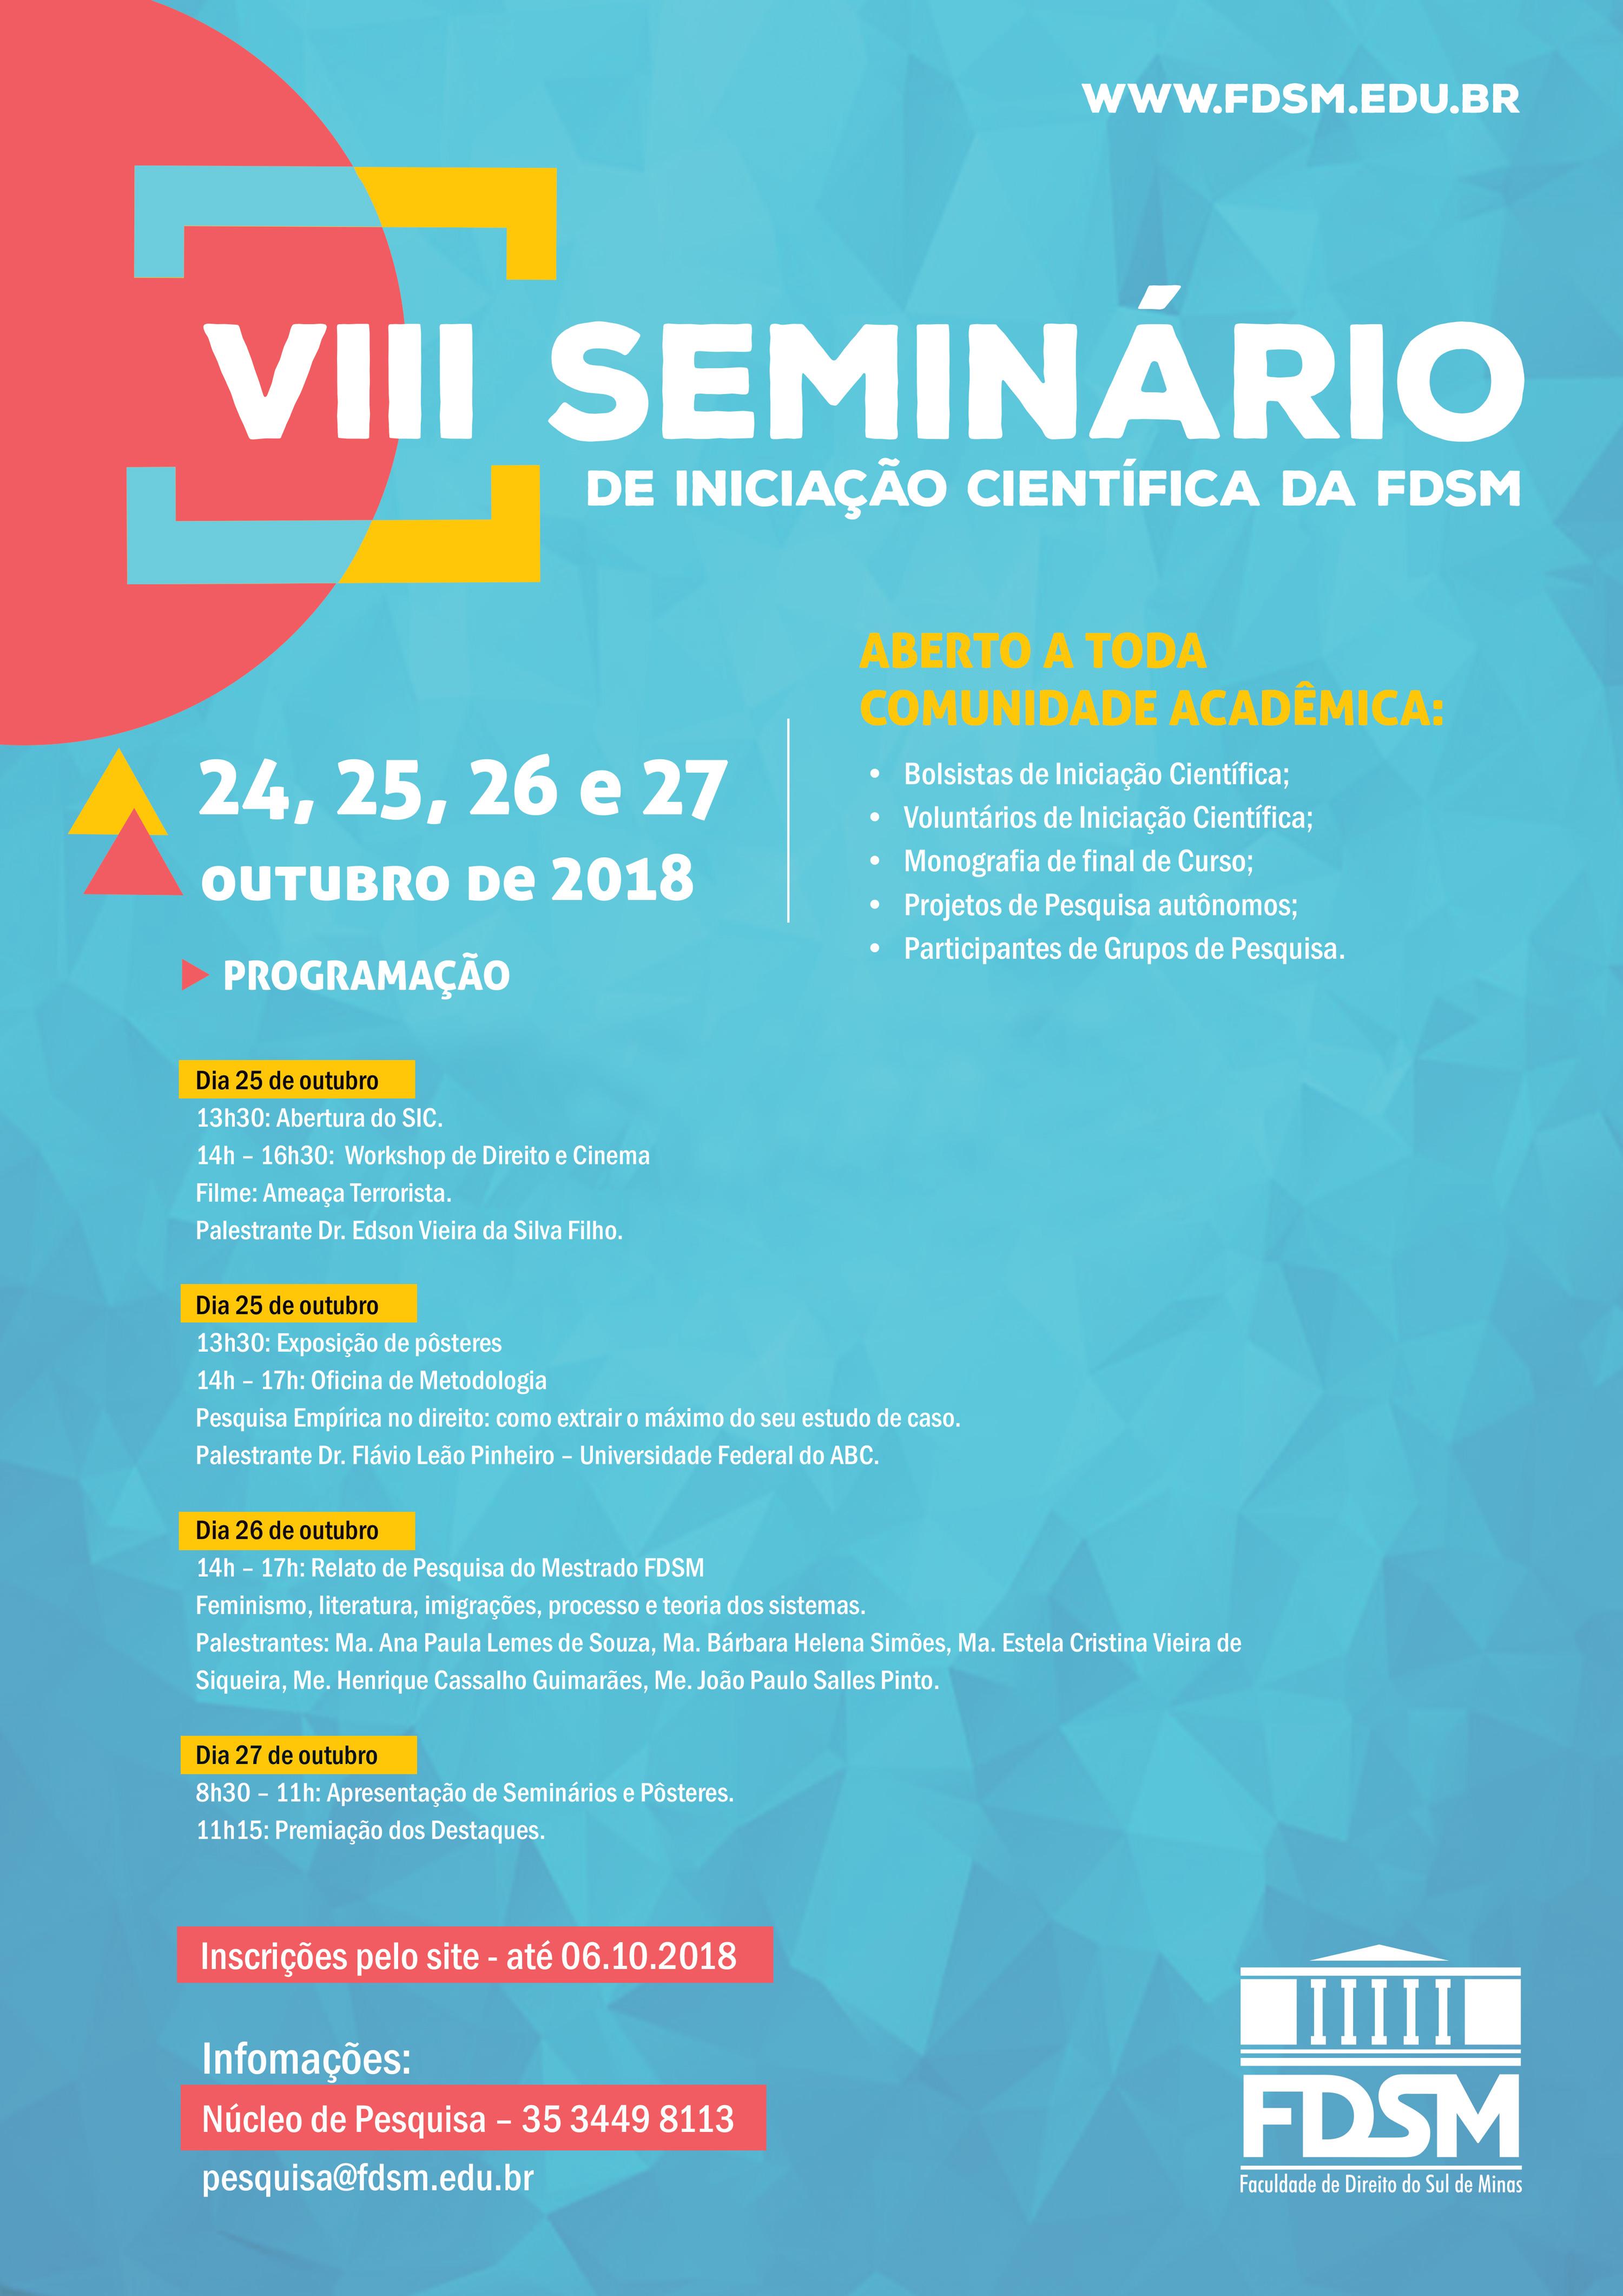 VIII Seminário de Iniciação Científica - Workshop de Direito e Cinema